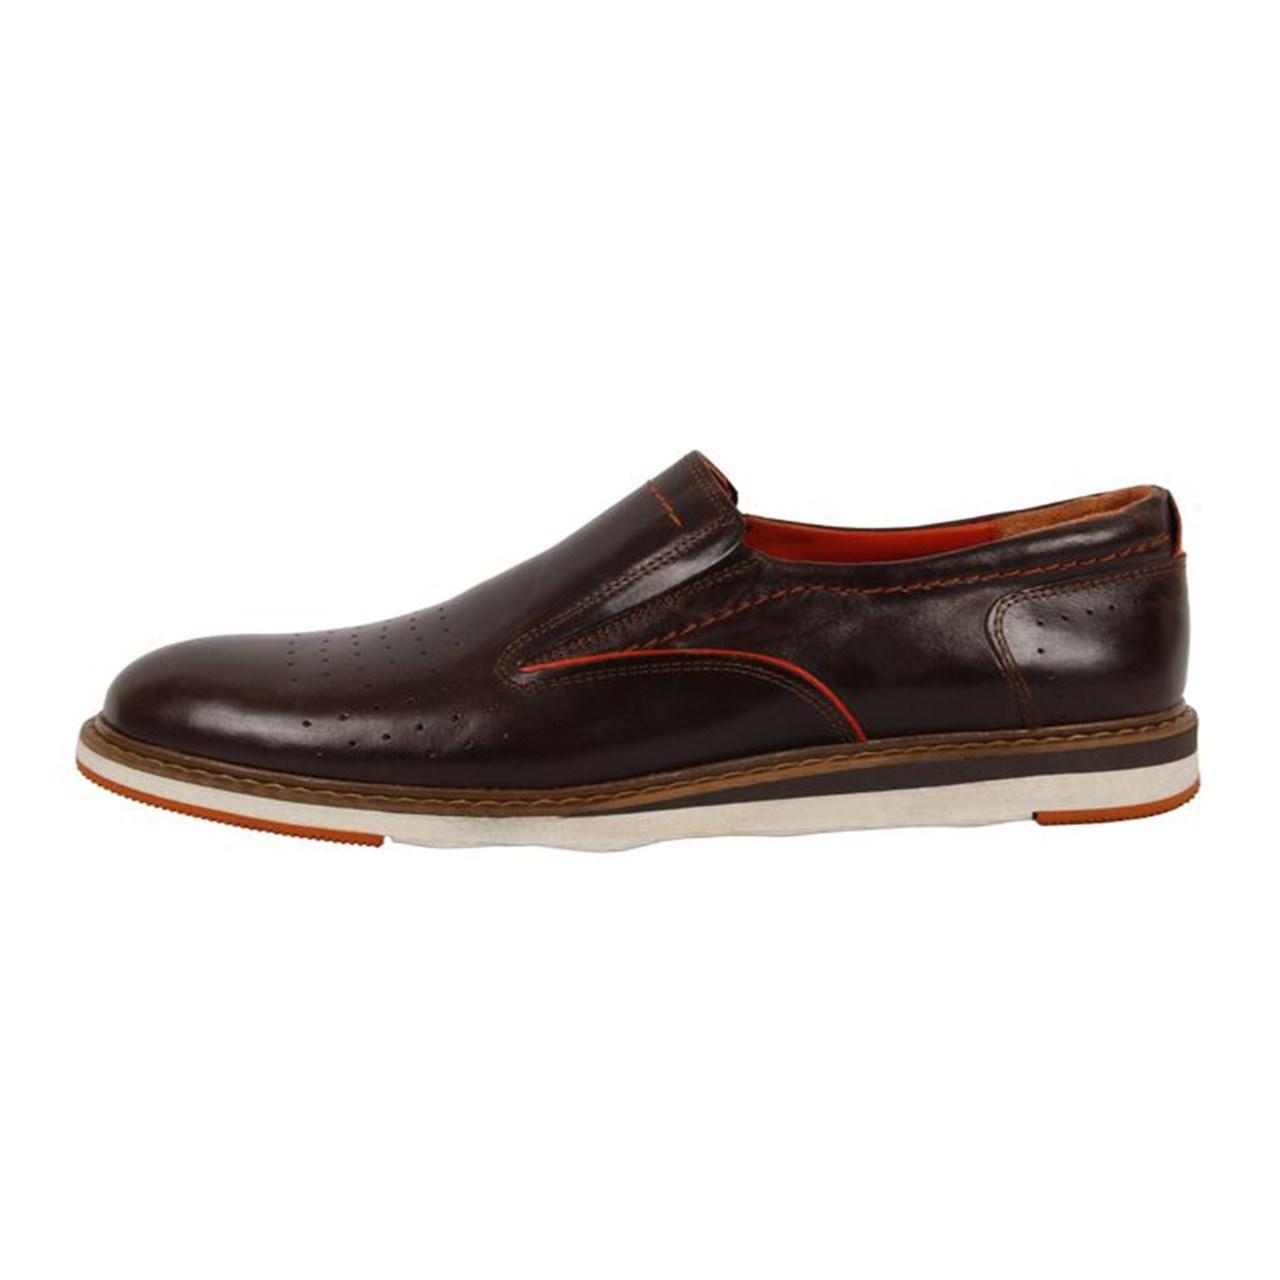 کفش چرم مهاجر مردانه مدل M8z